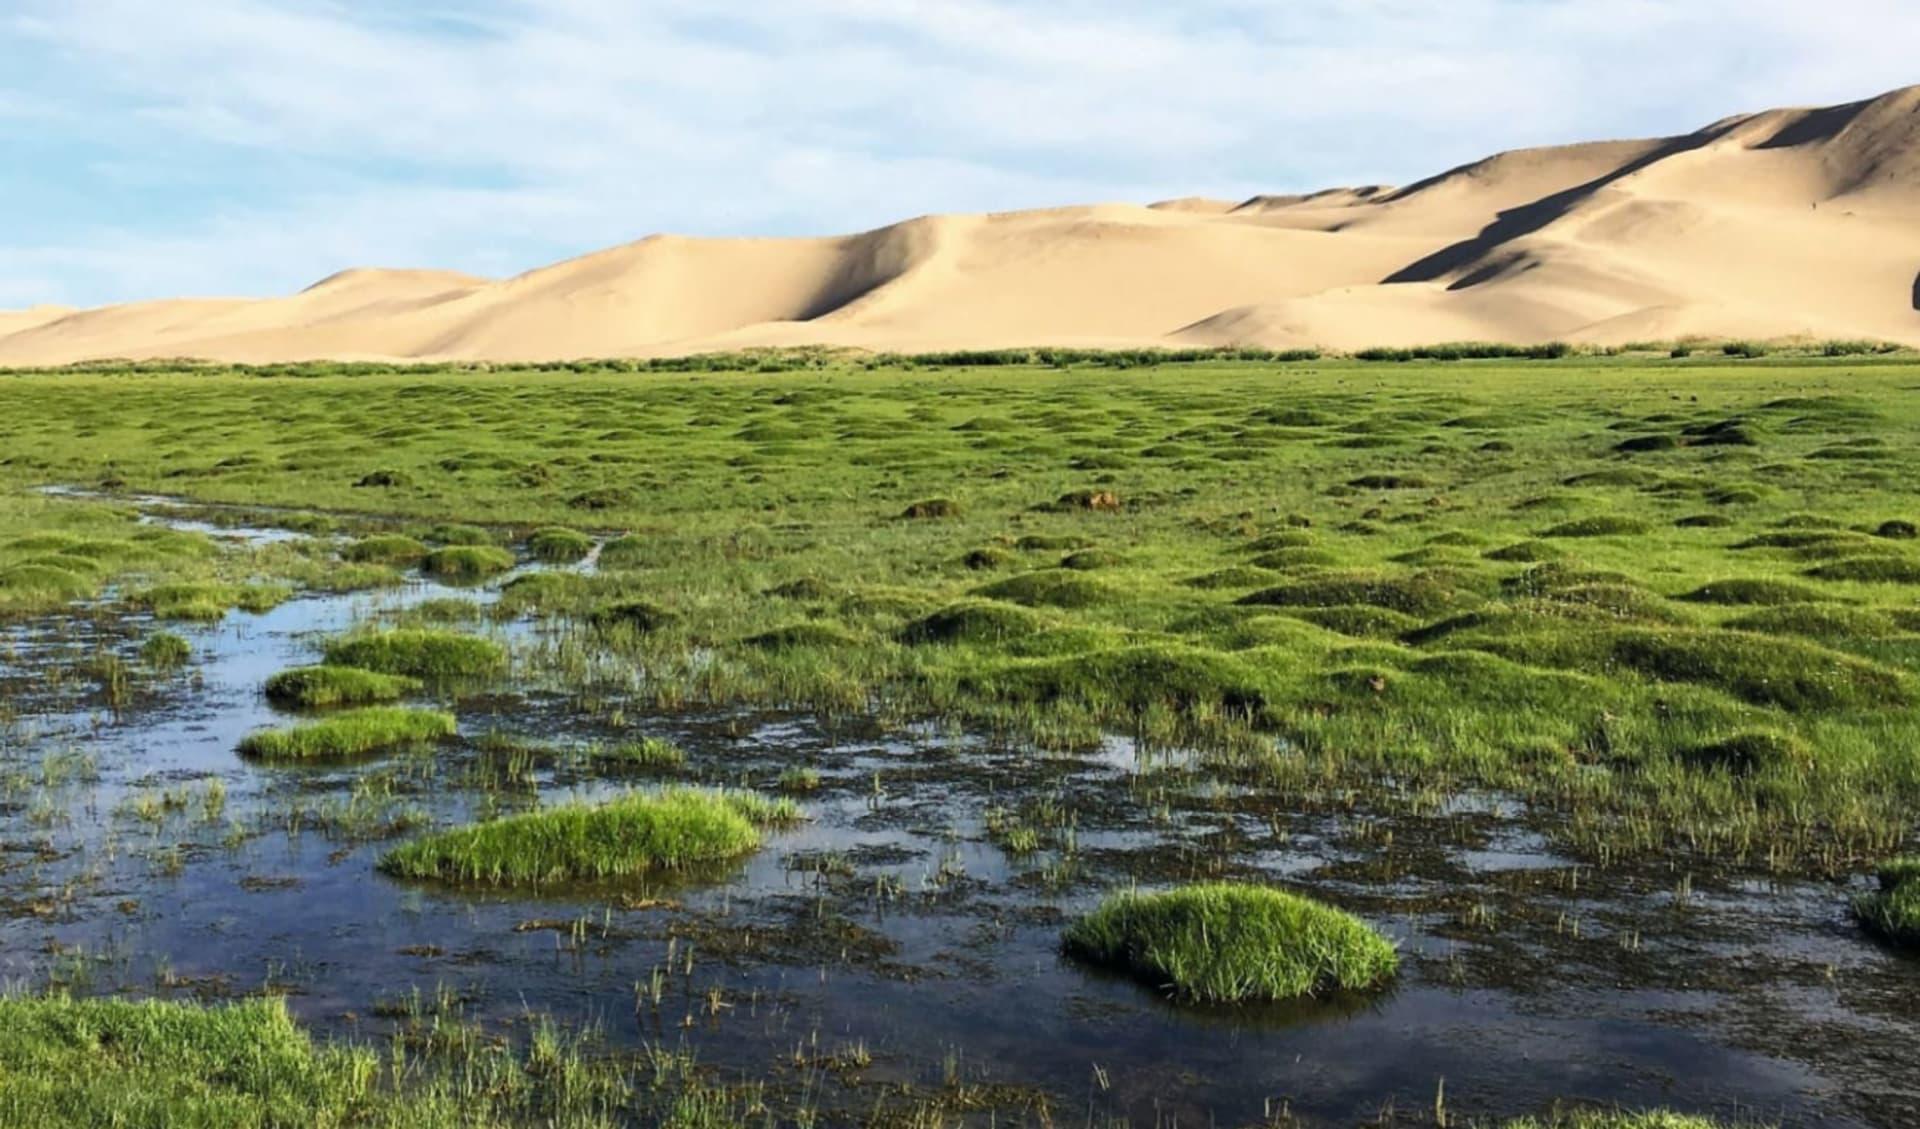 Grasland, Steppenwind und Wüstensand ab Ulaanbaatar: Mongolei_Seruun Bulag1_Sonja